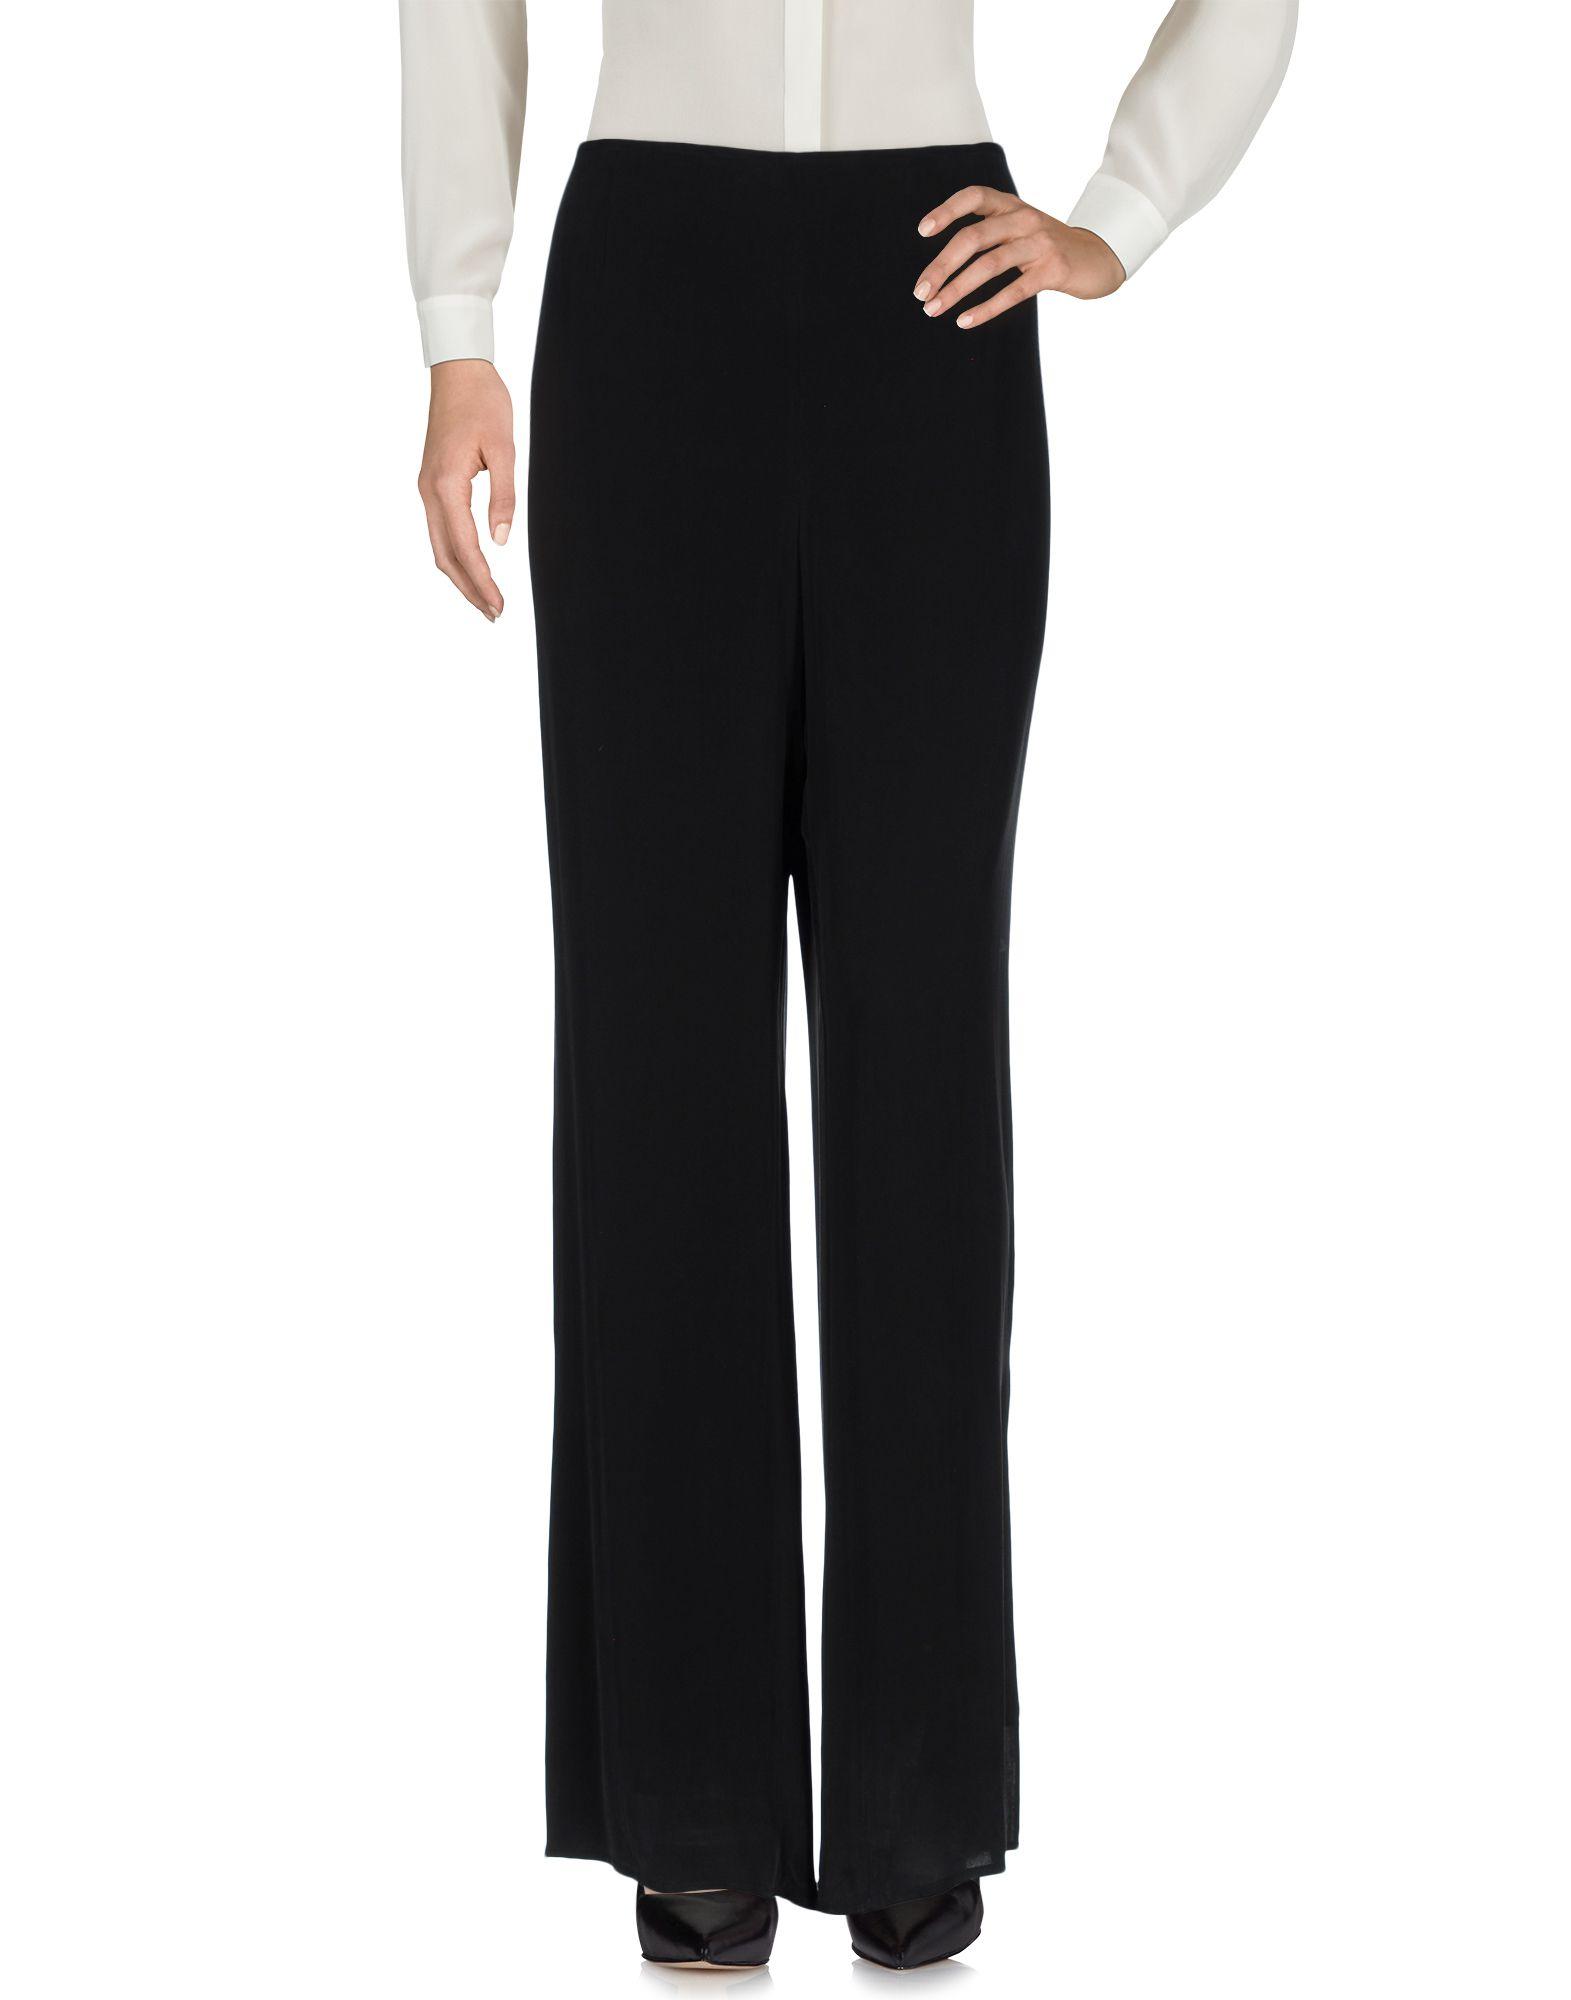 GATTINONI Damen Hose Farbe Schwarz Größe 8